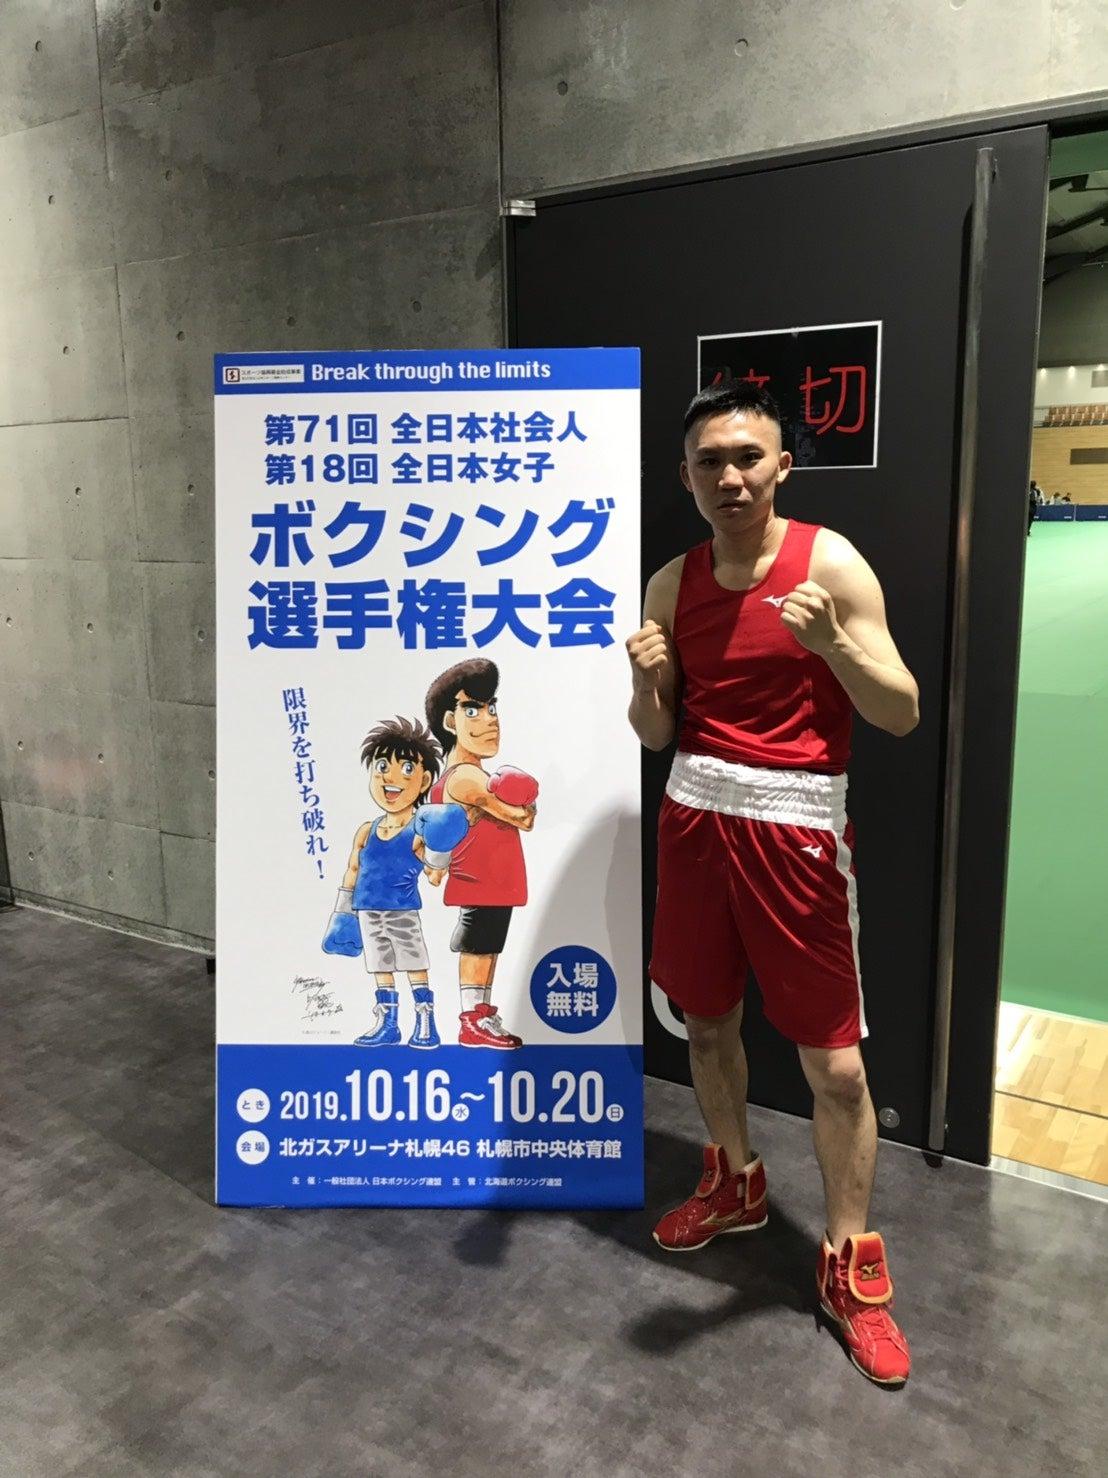 第71回全日本社会人ボクシング選手権出場 | 毎日を楽しく元気に ...